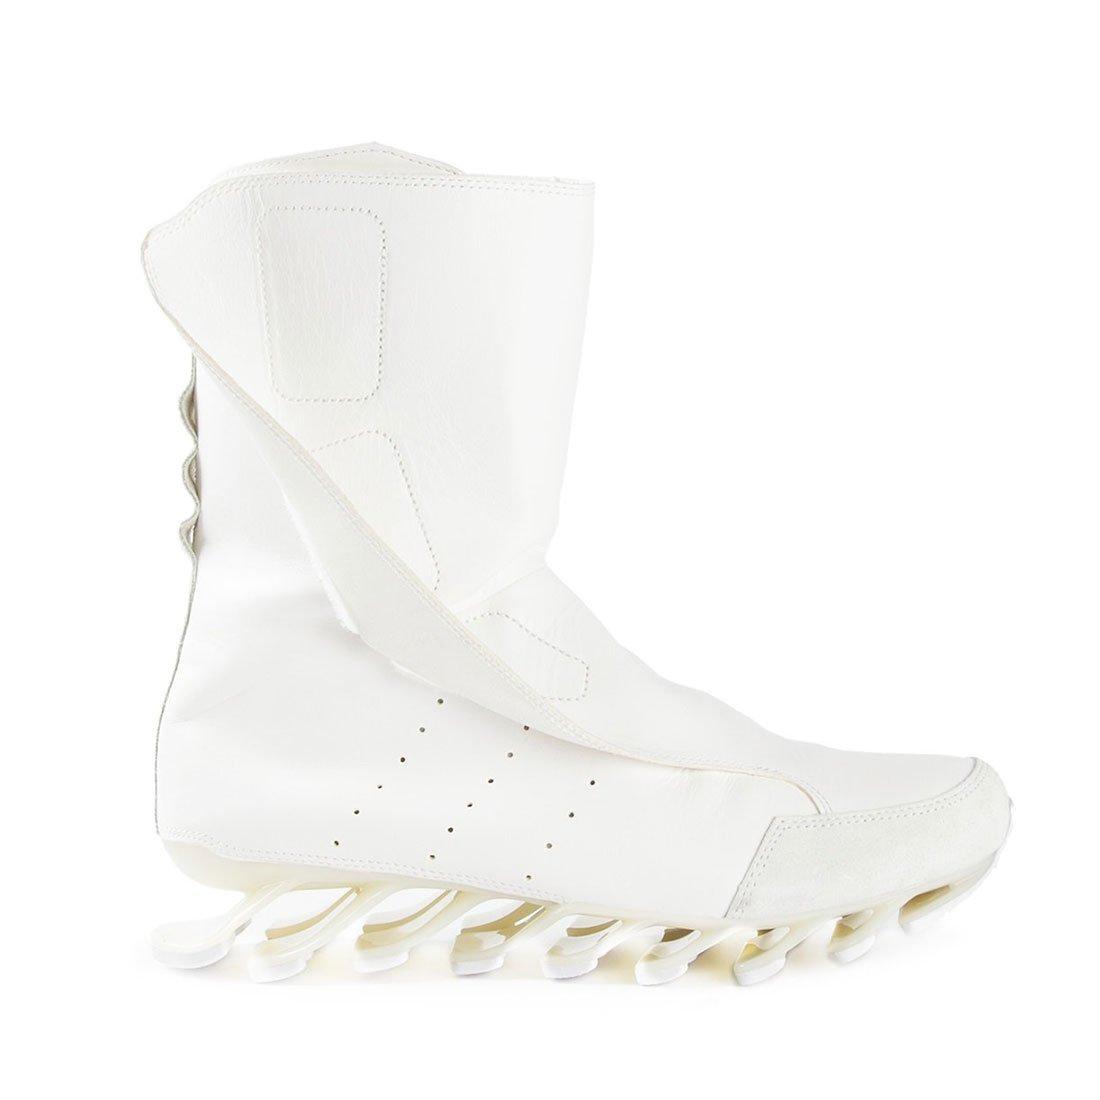 49e5b34aaf014 Amazon.com   adidas x Rick Owens Men Springblade High Boots (White ...